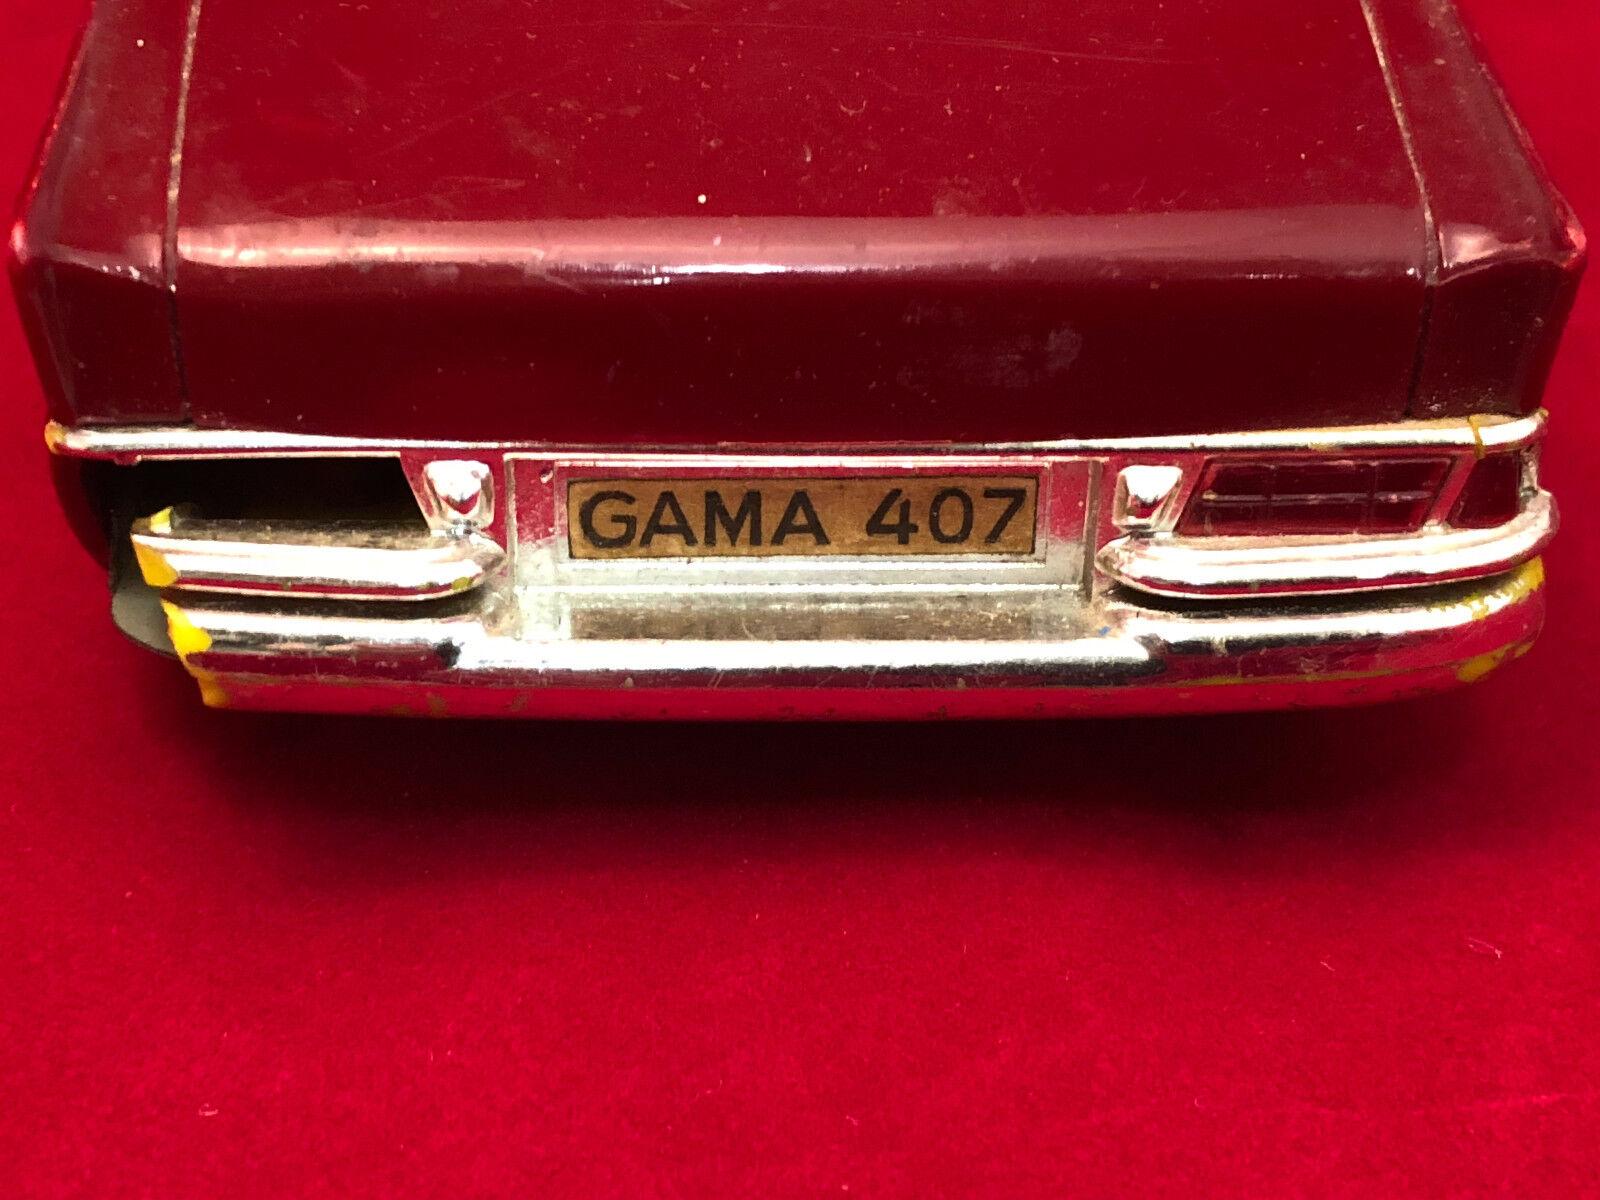 Gama Toy Miniature 407 Voiture Antique Gerfemmey Vintage Jouet jUVzpqGMLS